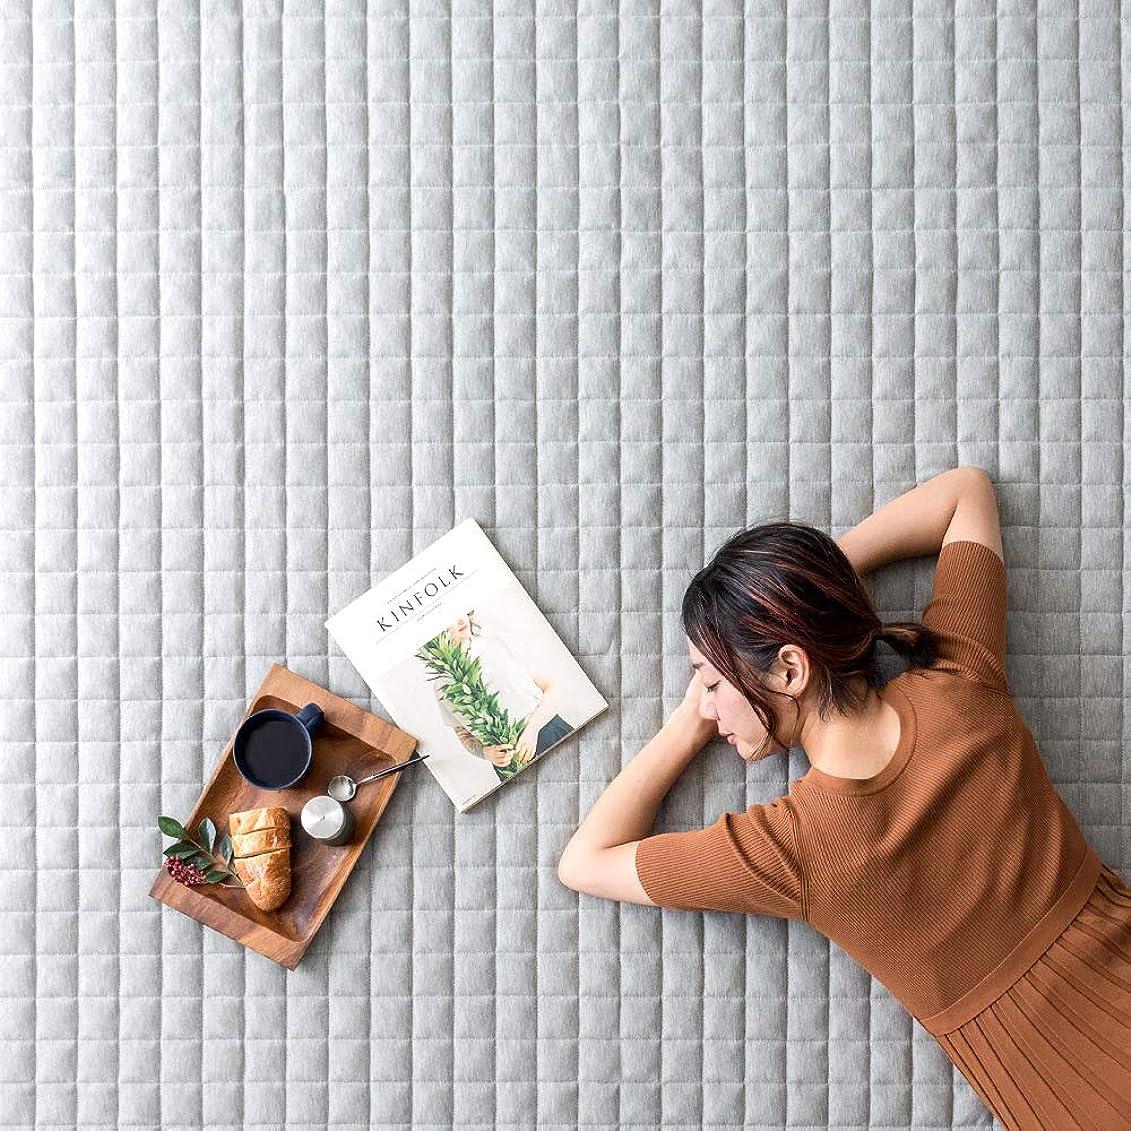 影響力のある振るう翻訳するエア?リゾーム ラグ ラグマット 4畳 洗える 長方形 おしゃれ 北欧 キルトラグ スウェットラグ 200×300cm グレー